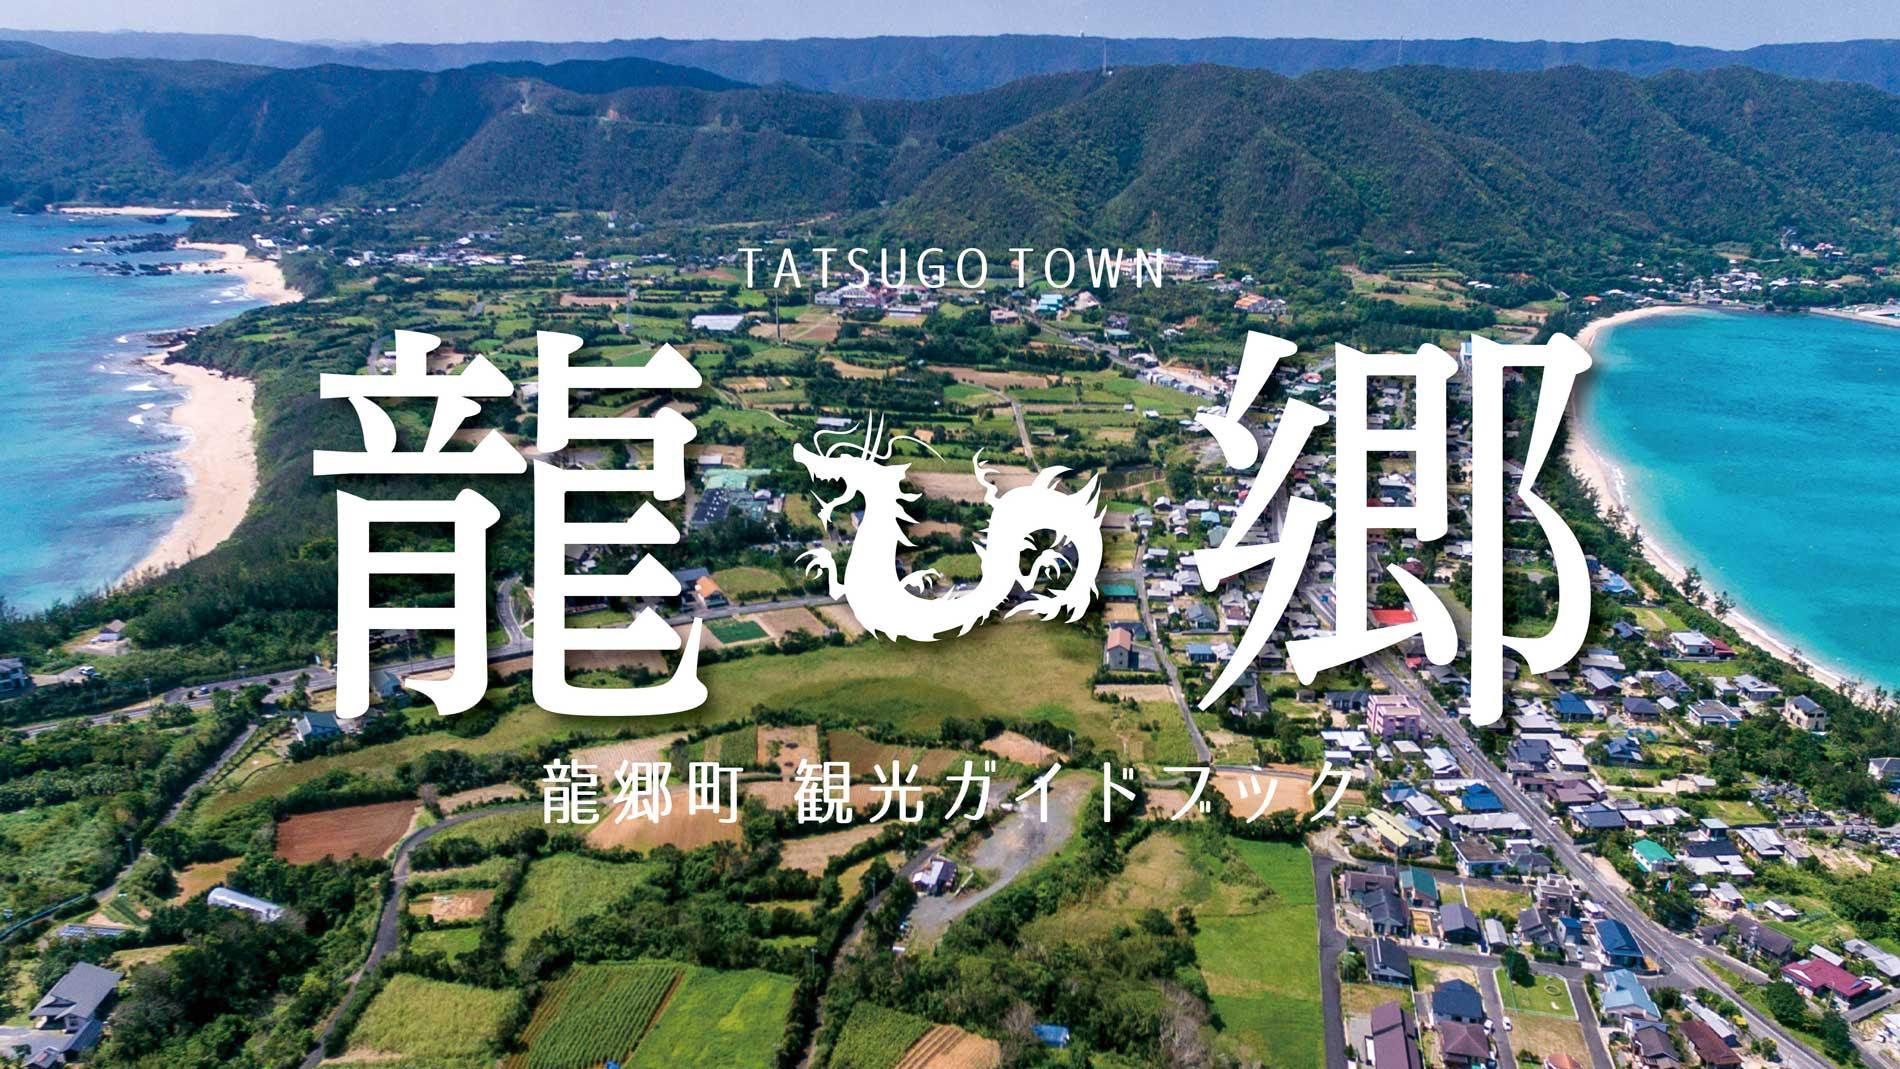 龍郷町観光ガイドブック バナー